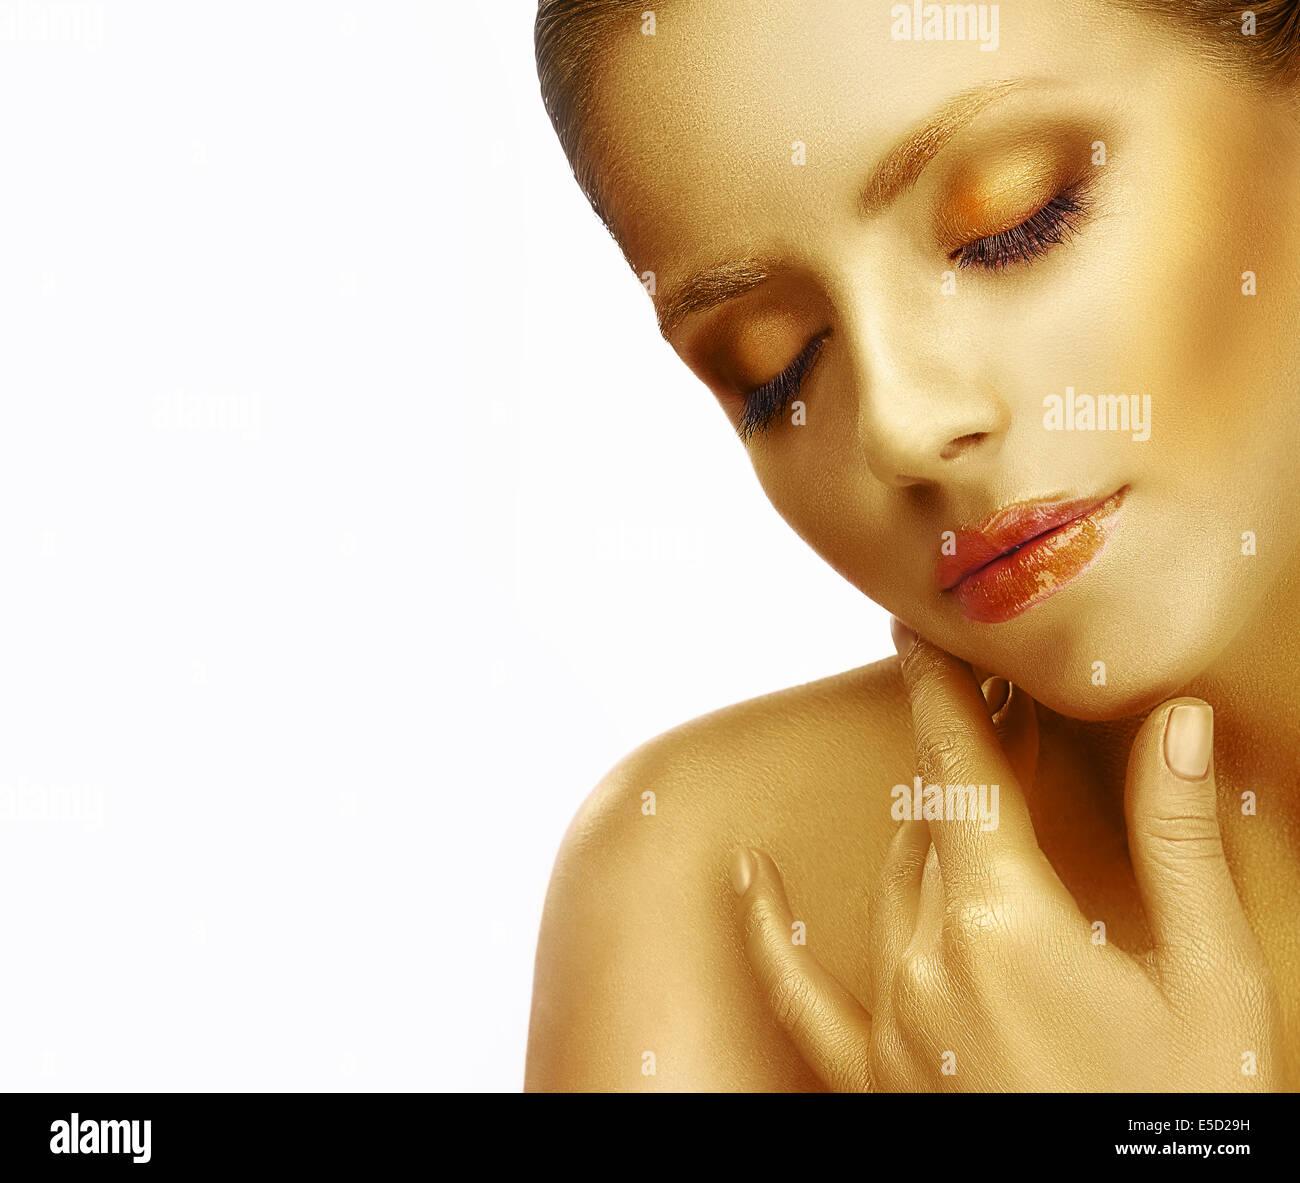 Los sueños. Close Up Retrato de mujer joven con piel de seda Imagen De Stock